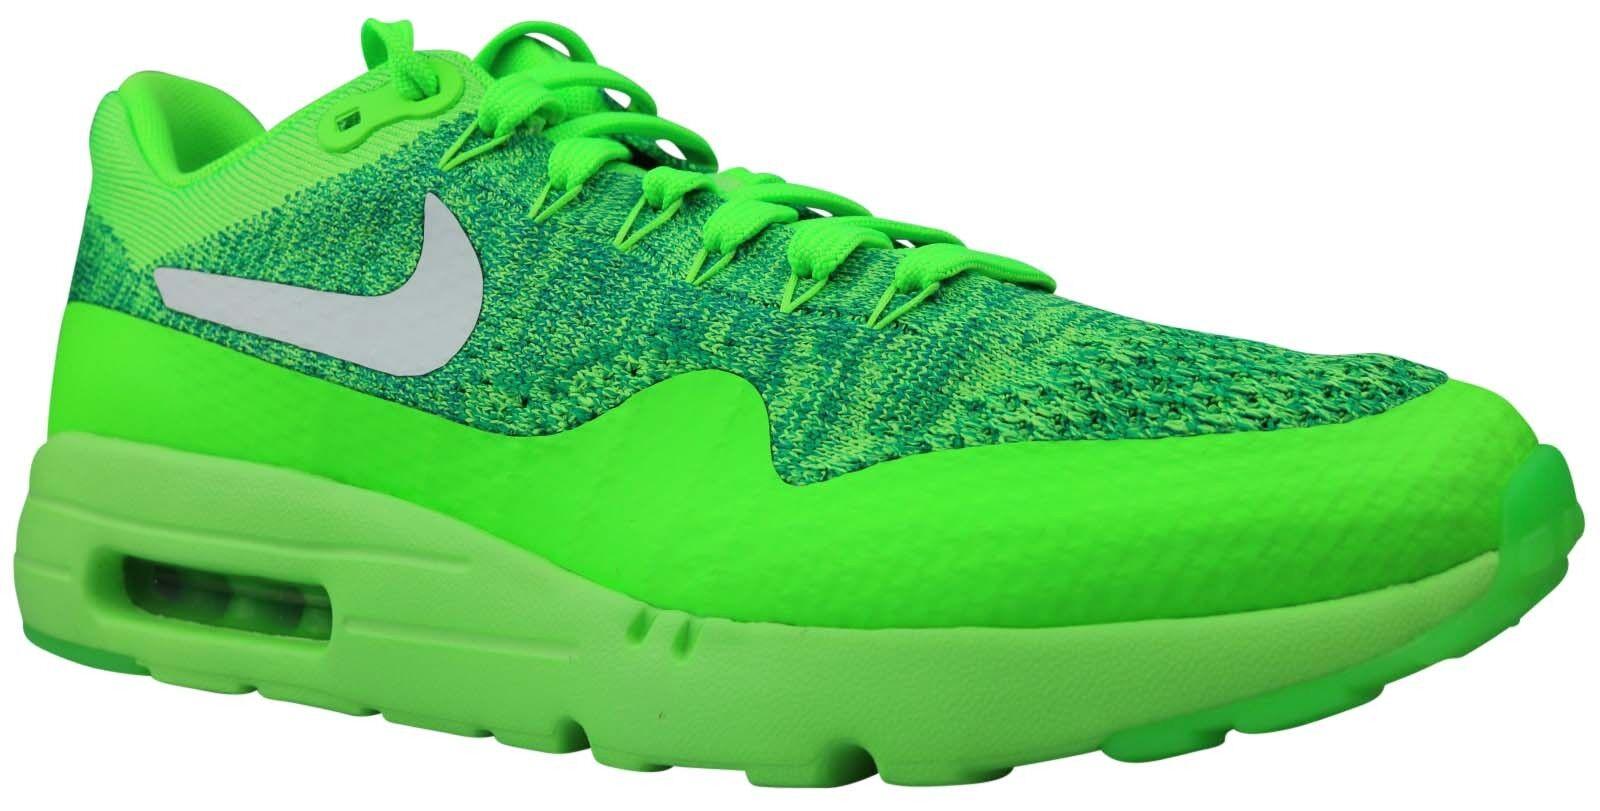 Nike Air Air Air Max 1 Ultra Flyknit baskets Chaussures 843384-301 Taille 40,5 - 42 NOUVEAU & NEUF dans sa boîte 7ffcfe